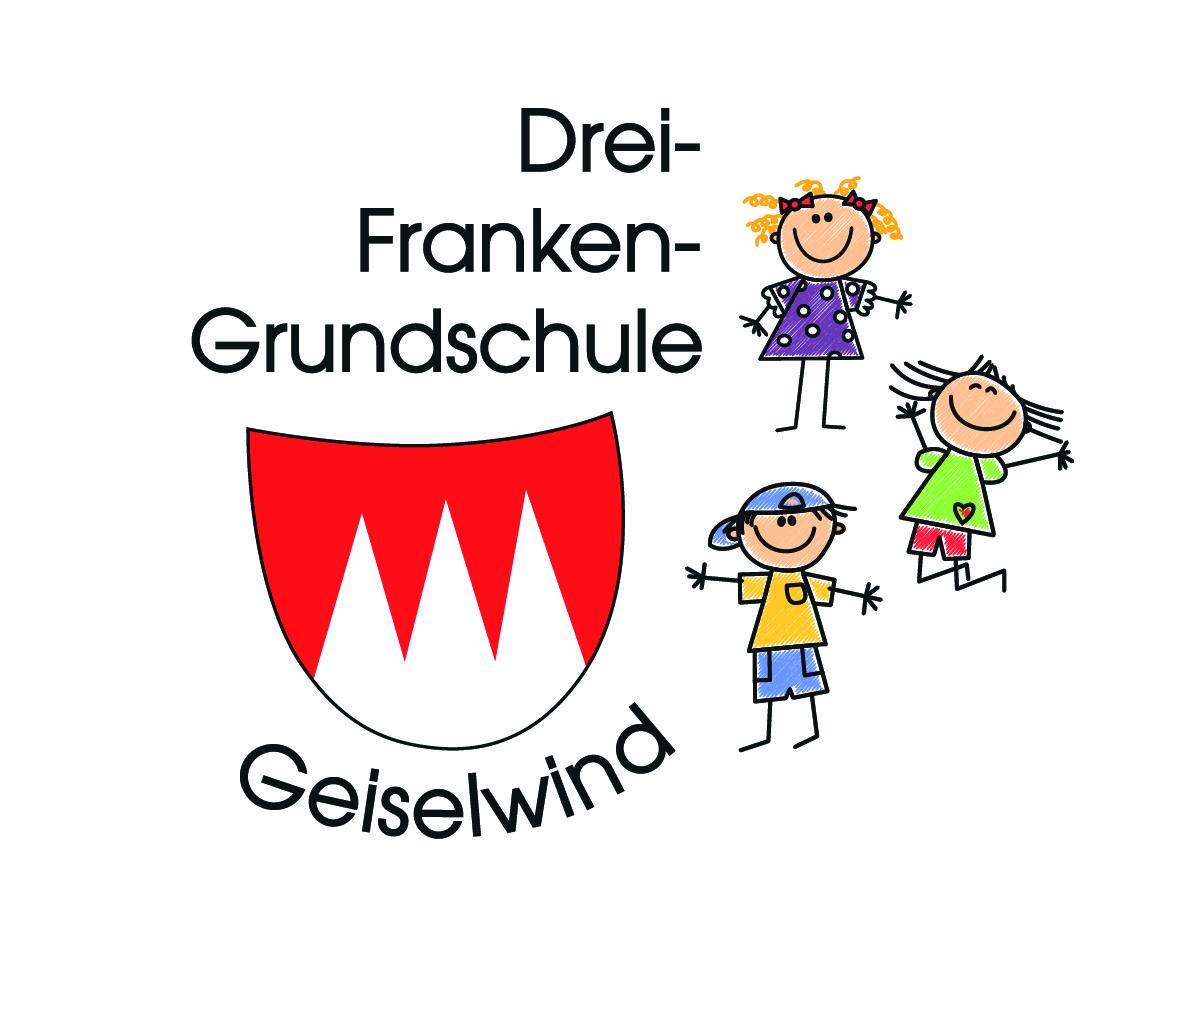 Drei-Franken-Grundschule Geiselwind